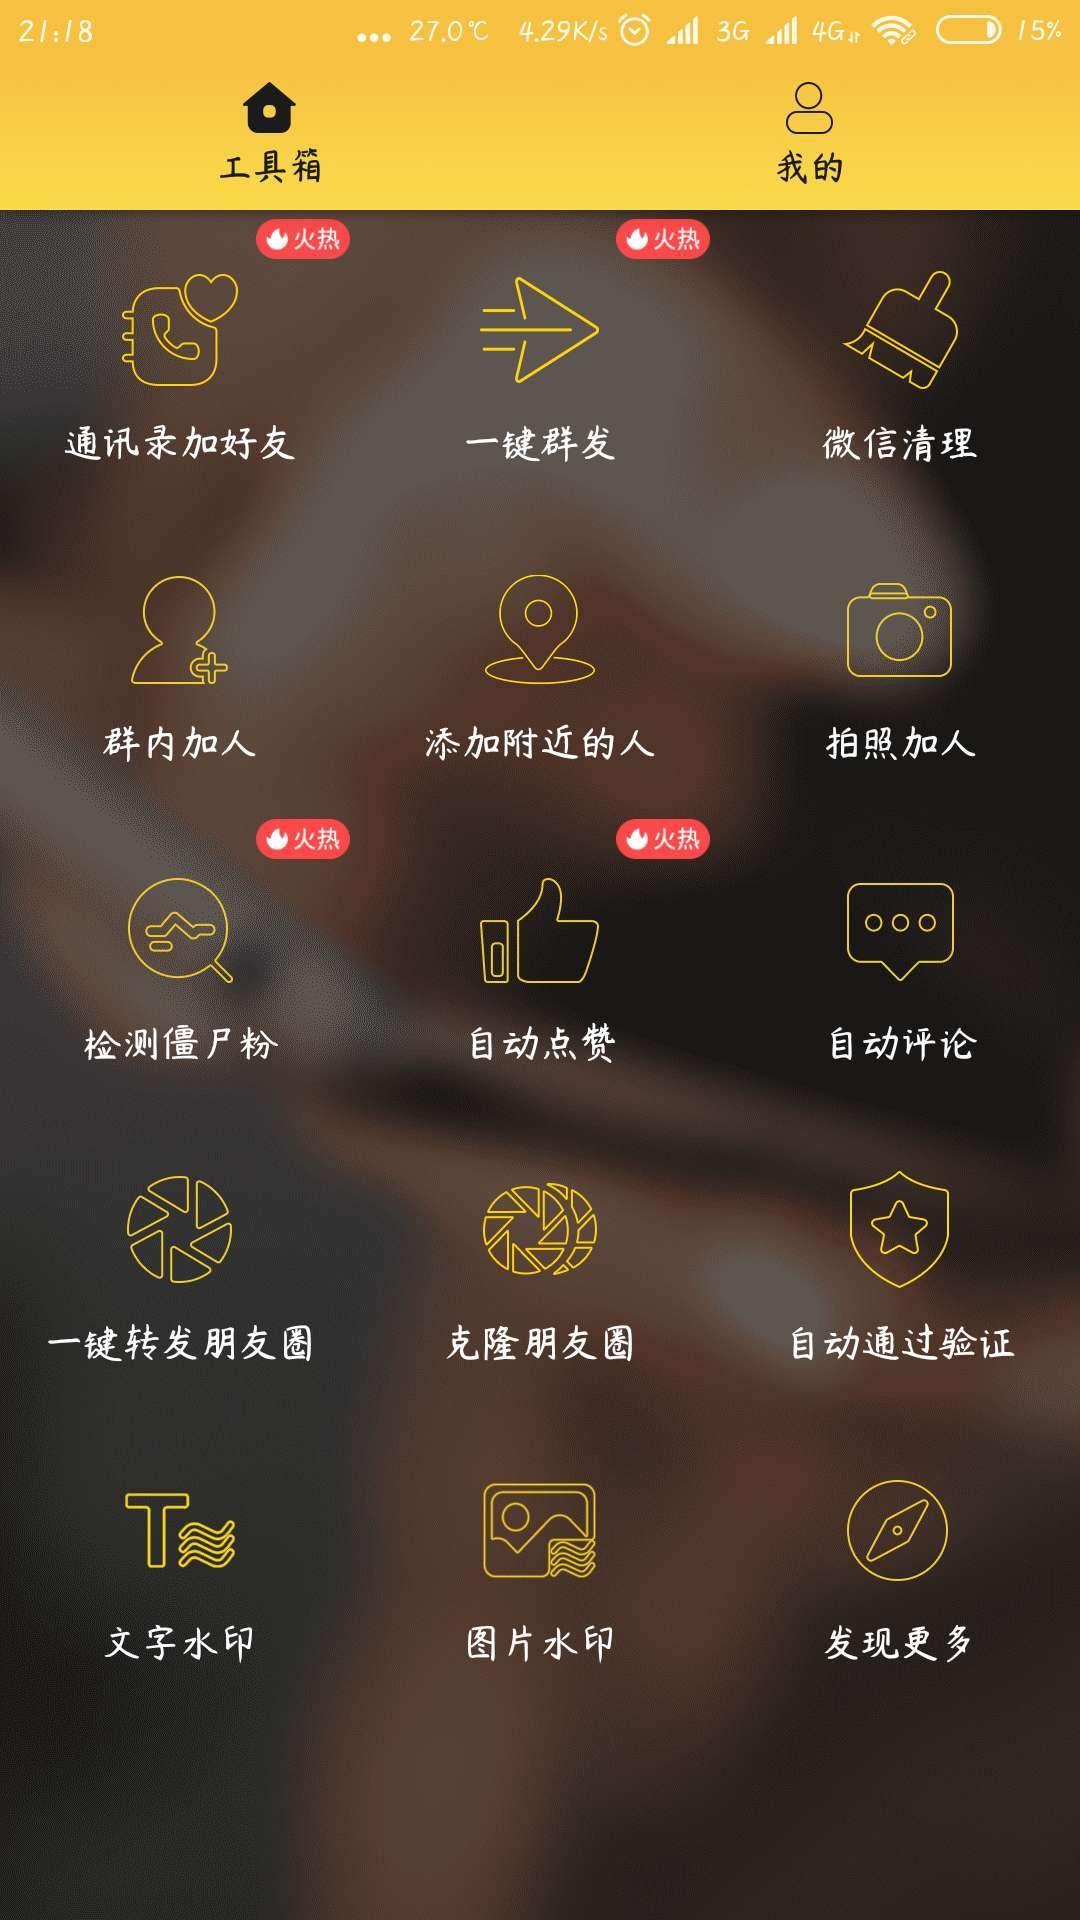 【分享】微友人脉_1.2.9_破姐会员免登录完美直装